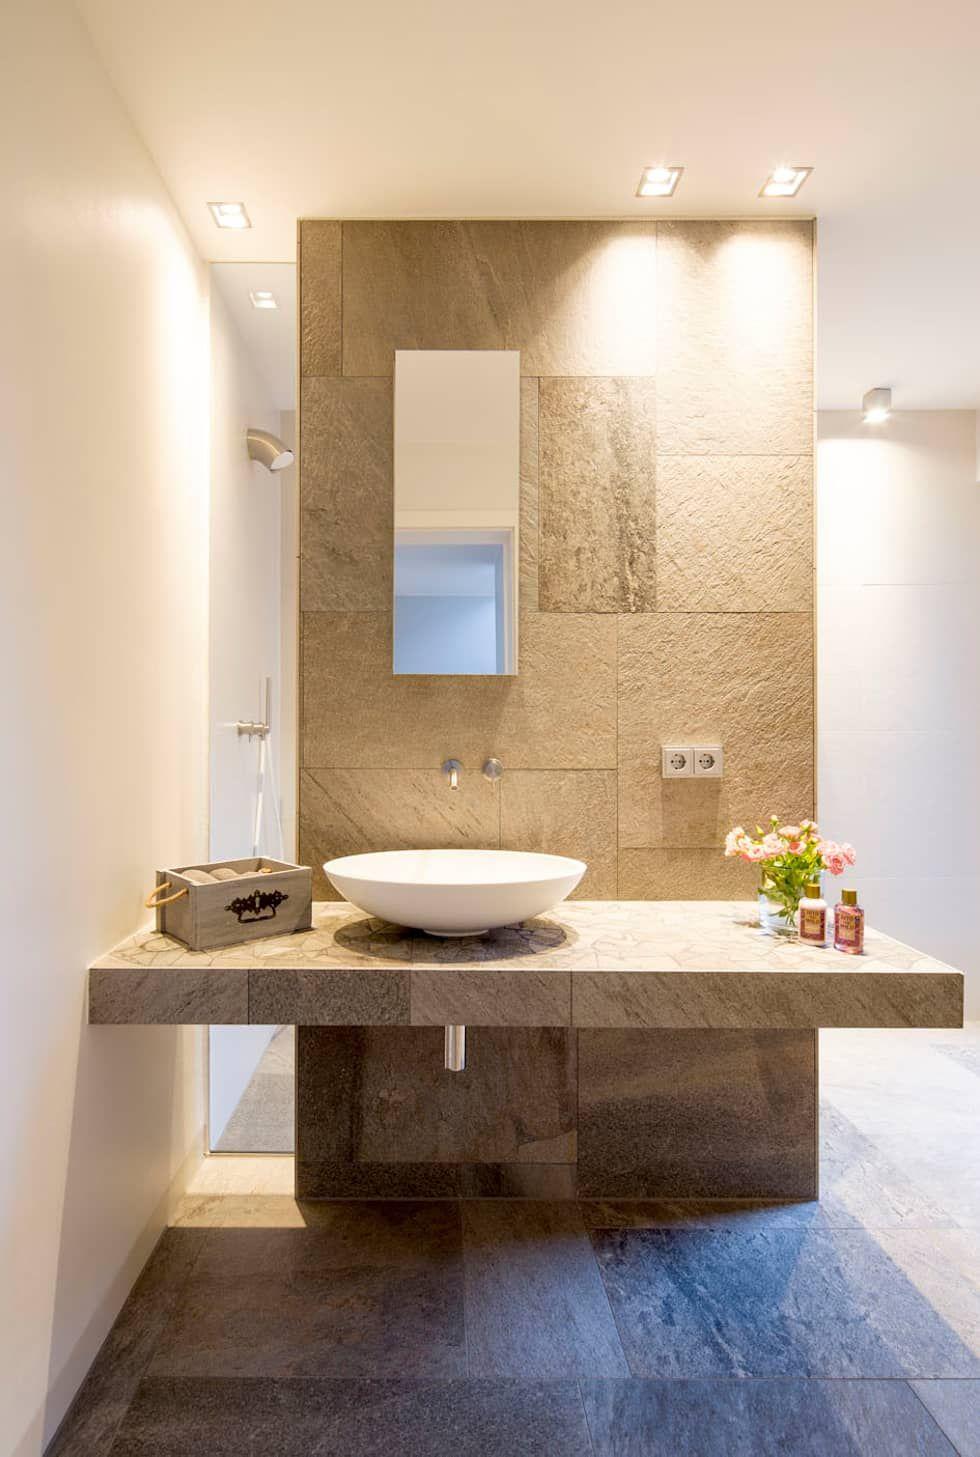 Wohnideen Gäste Wc wohnideen interior design einrichtungsideen bilder modern